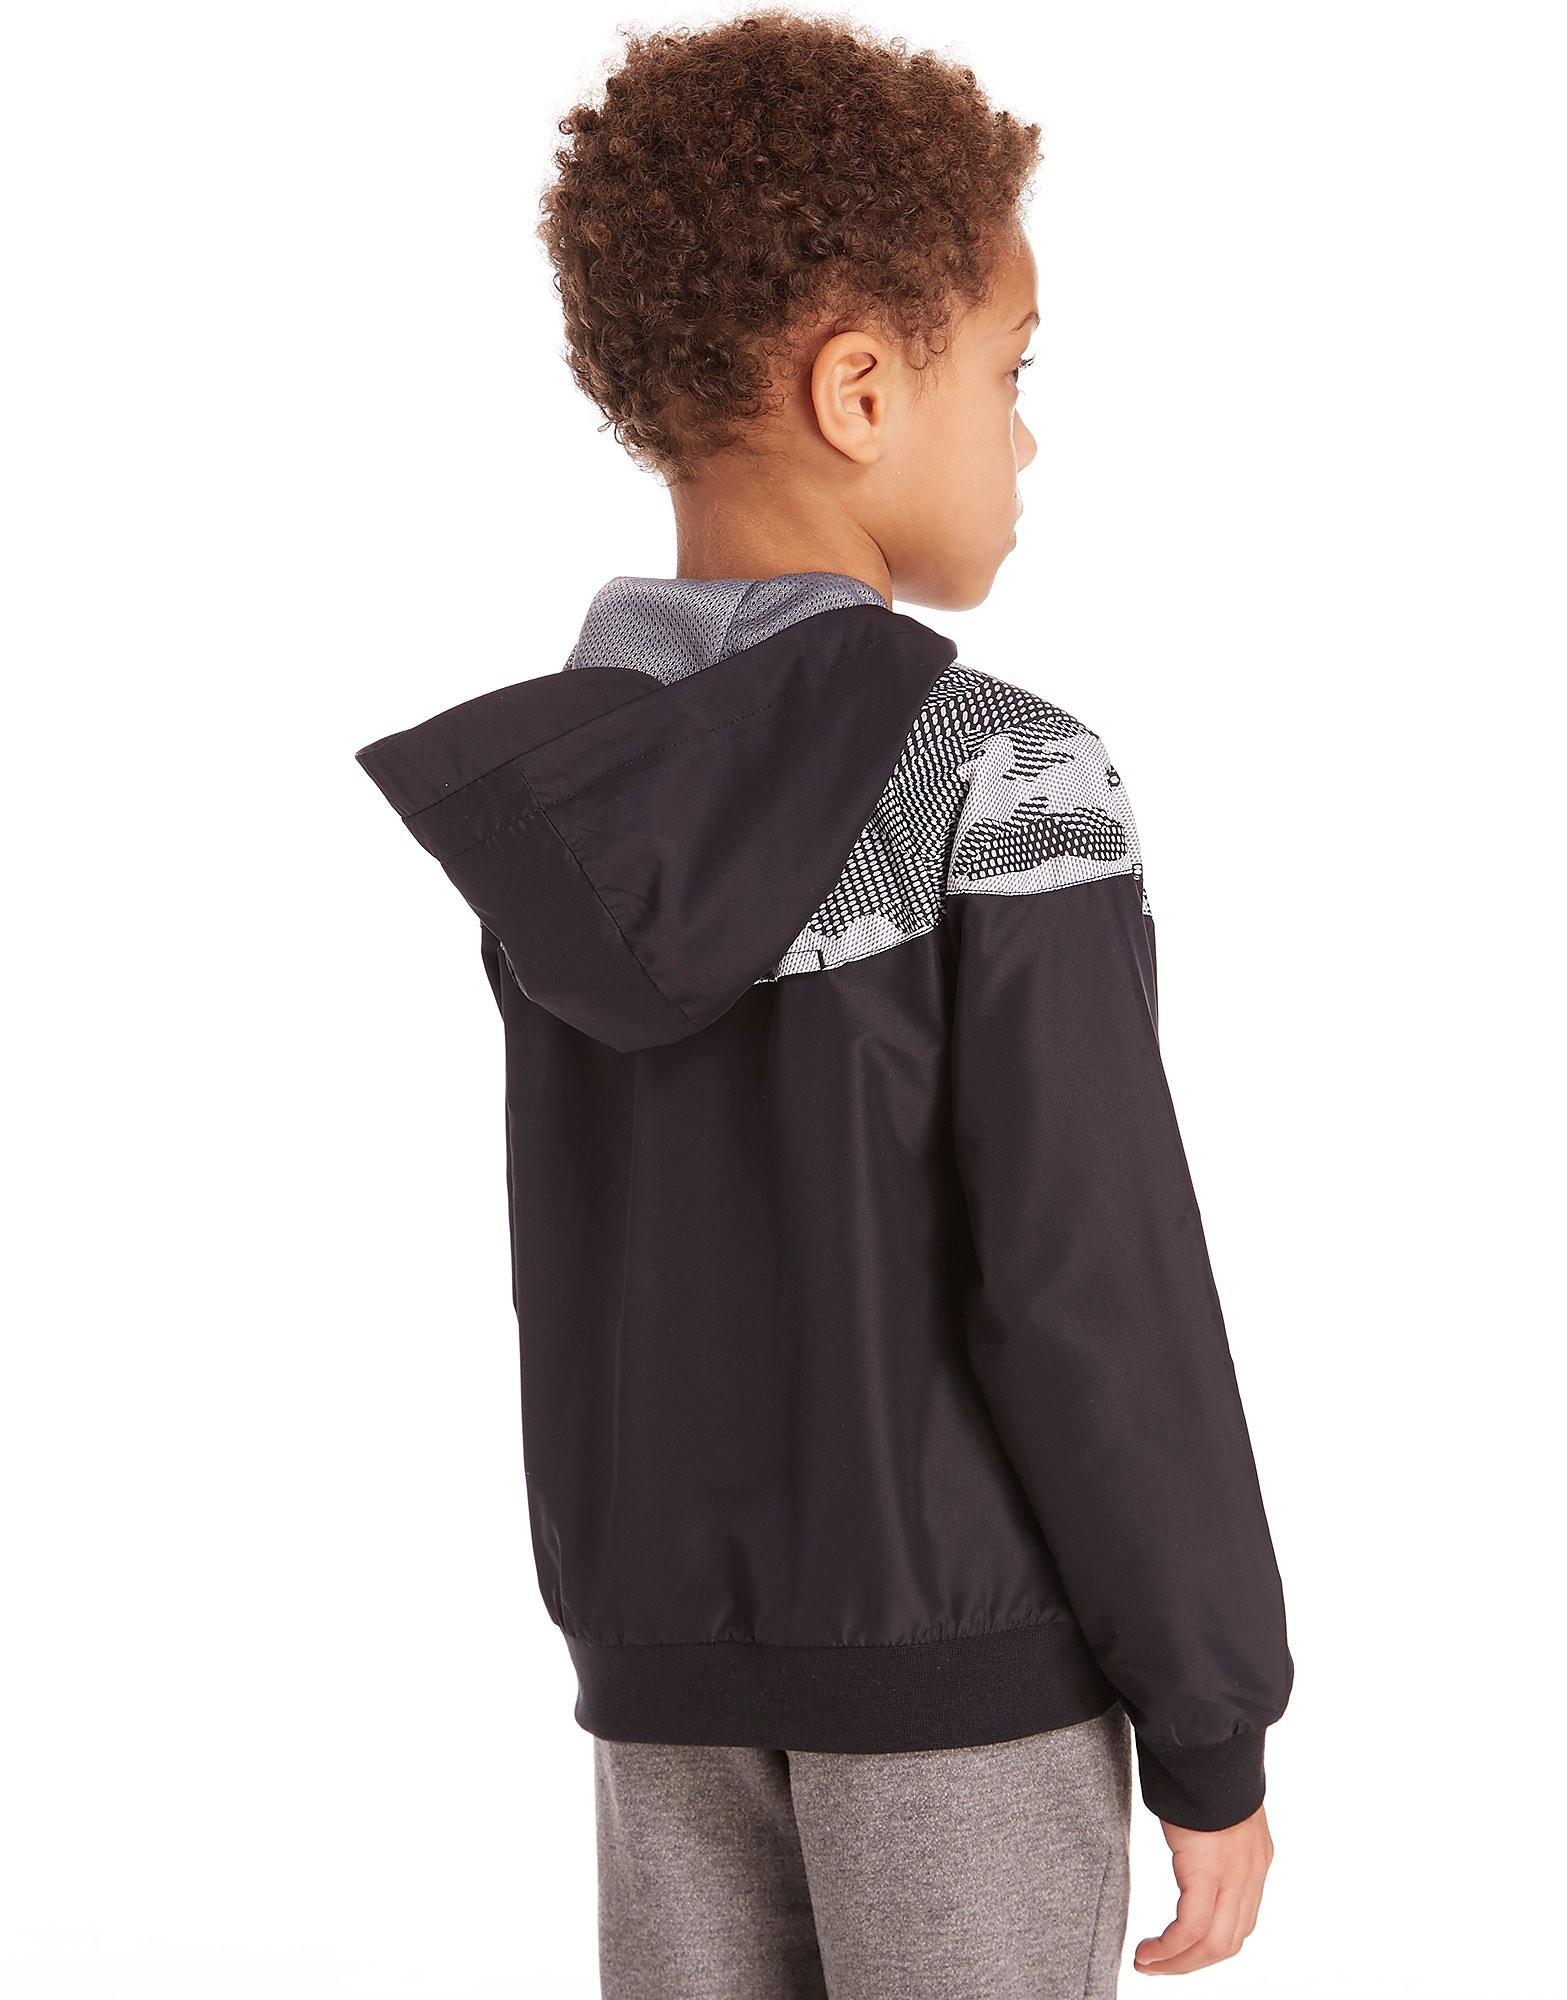 Nike Windrunner Jacket Children